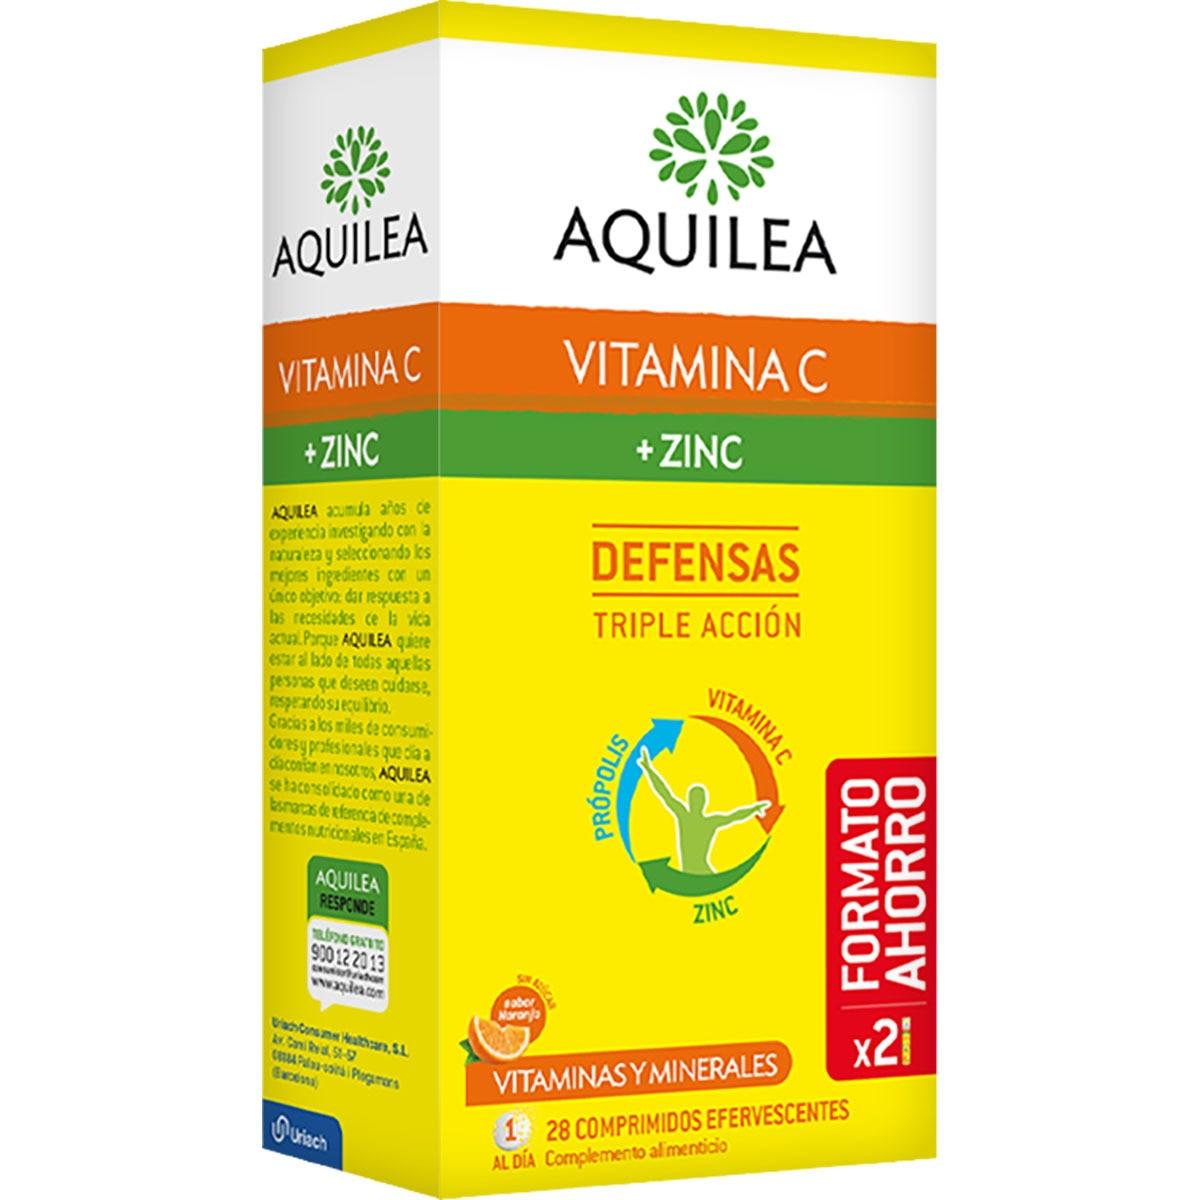 AQUILEA Vitamina C + Zinc complejo vitamínico que ayuda a cuidar las defensas naturales 28 comprimidos efervescentes sabor naranja